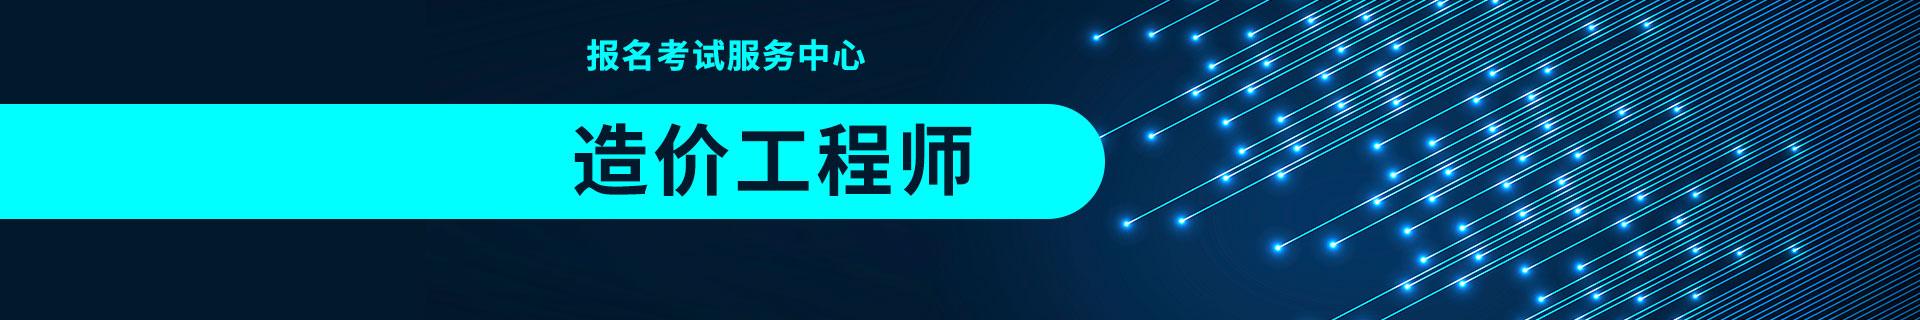 四川遂宁优路教育培训学校